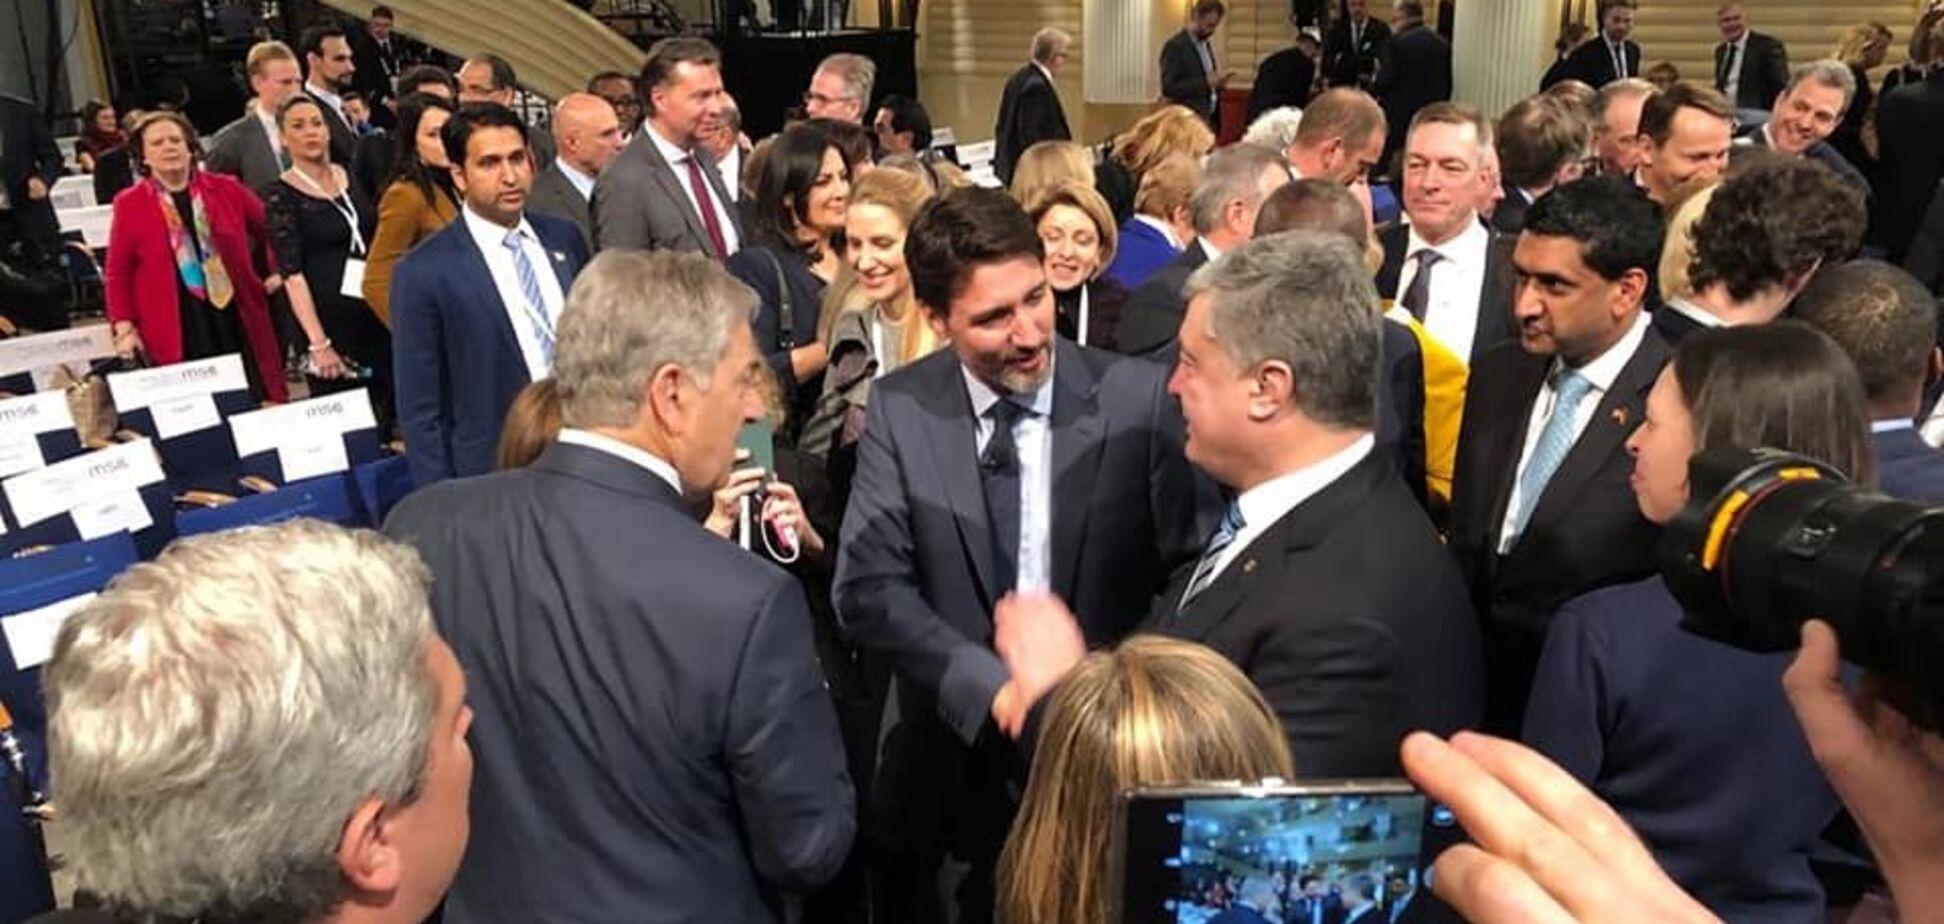 'Треба боротися за Україну!' Порошенко в Мюнхені обговорив із партнерами санкції проти РФ і повернення Криму і Донбасу